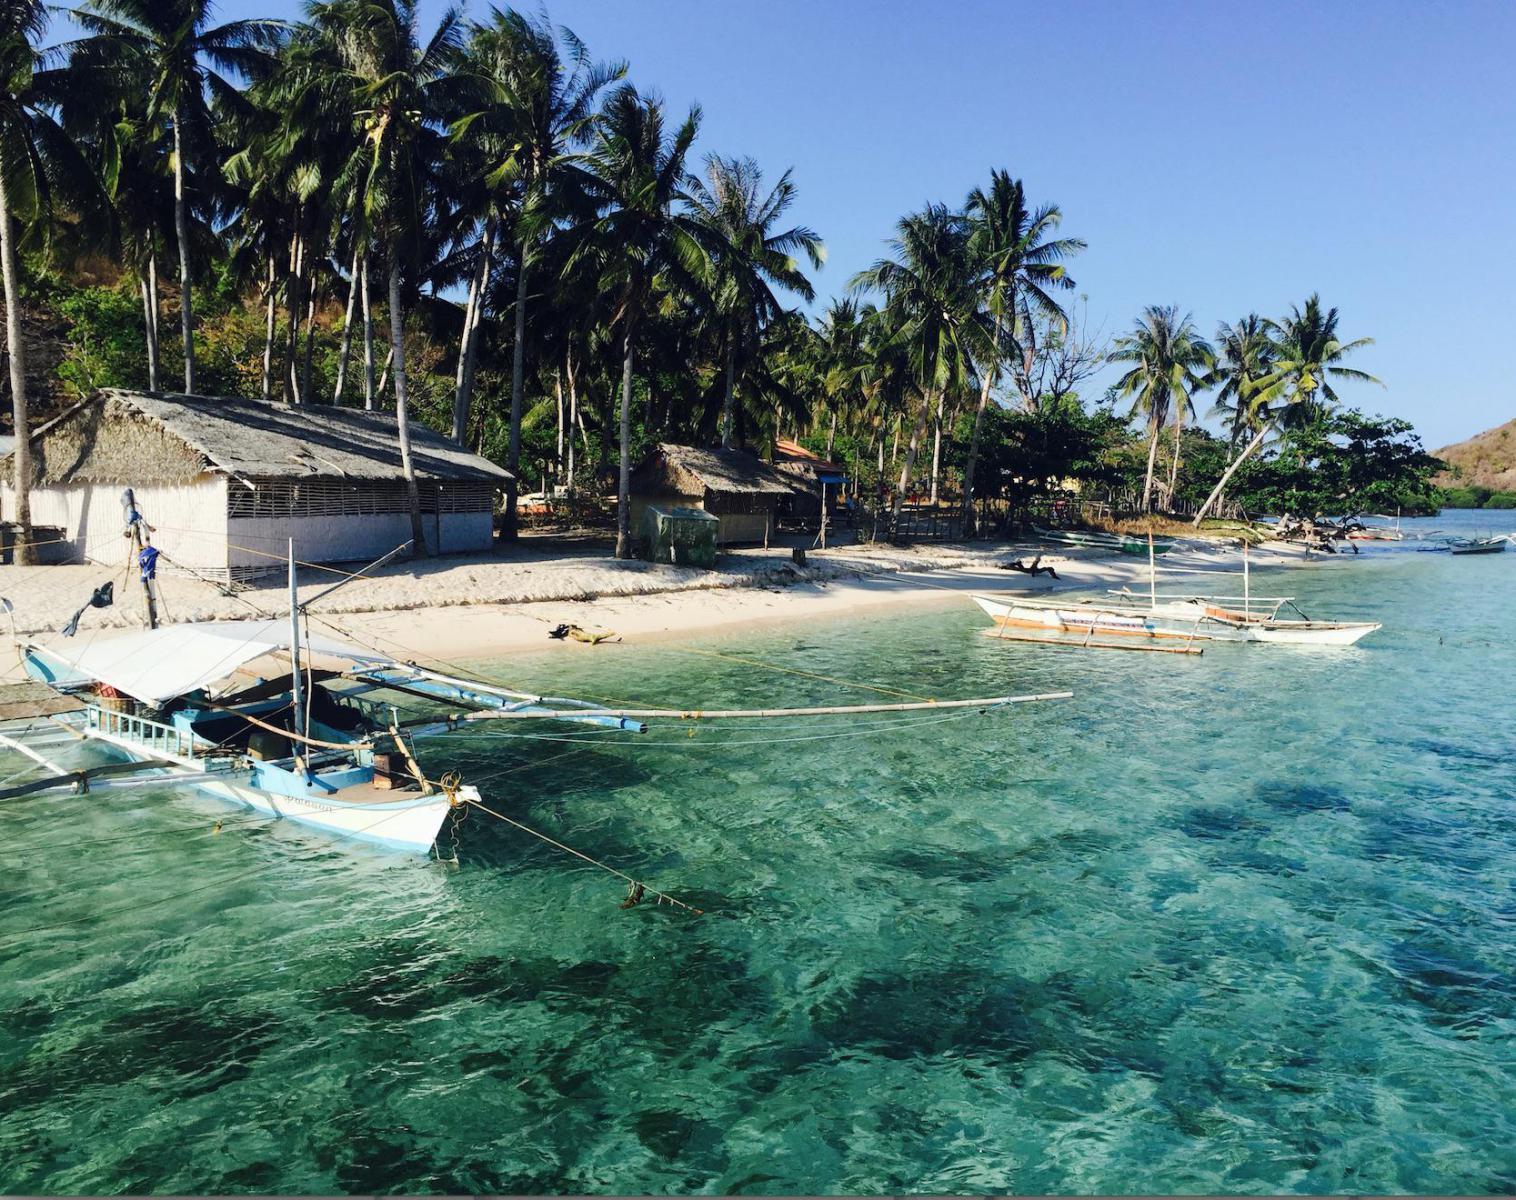 Philippines  Des rizières millénaires aux jardins de coraux   Découverte Trek & Randonnée Navigation Rencontres et cultures du Monde